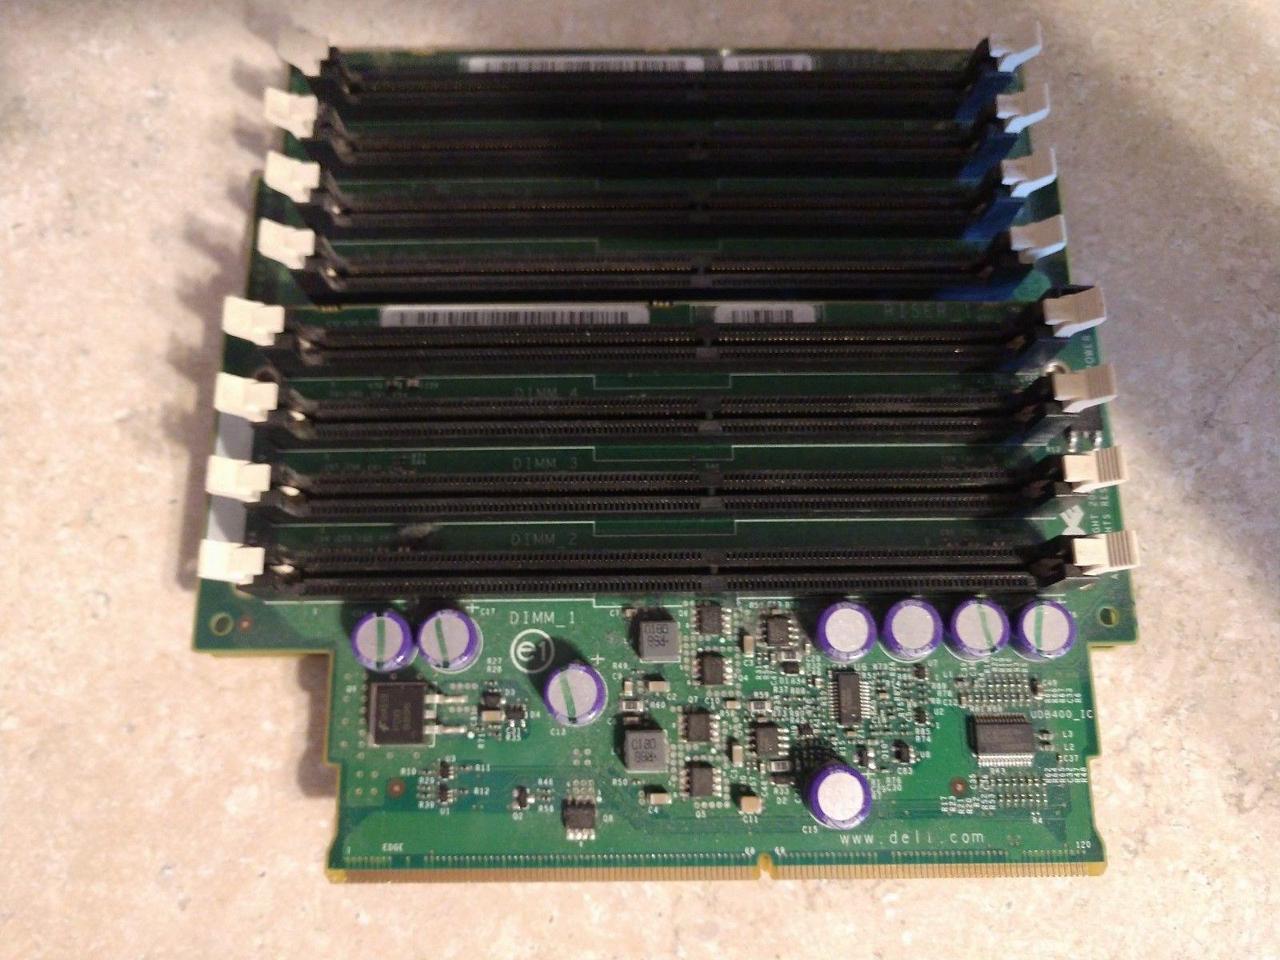 Dell OEM Precision 690 / T7400 Memory Riser Board 1,2 TY853